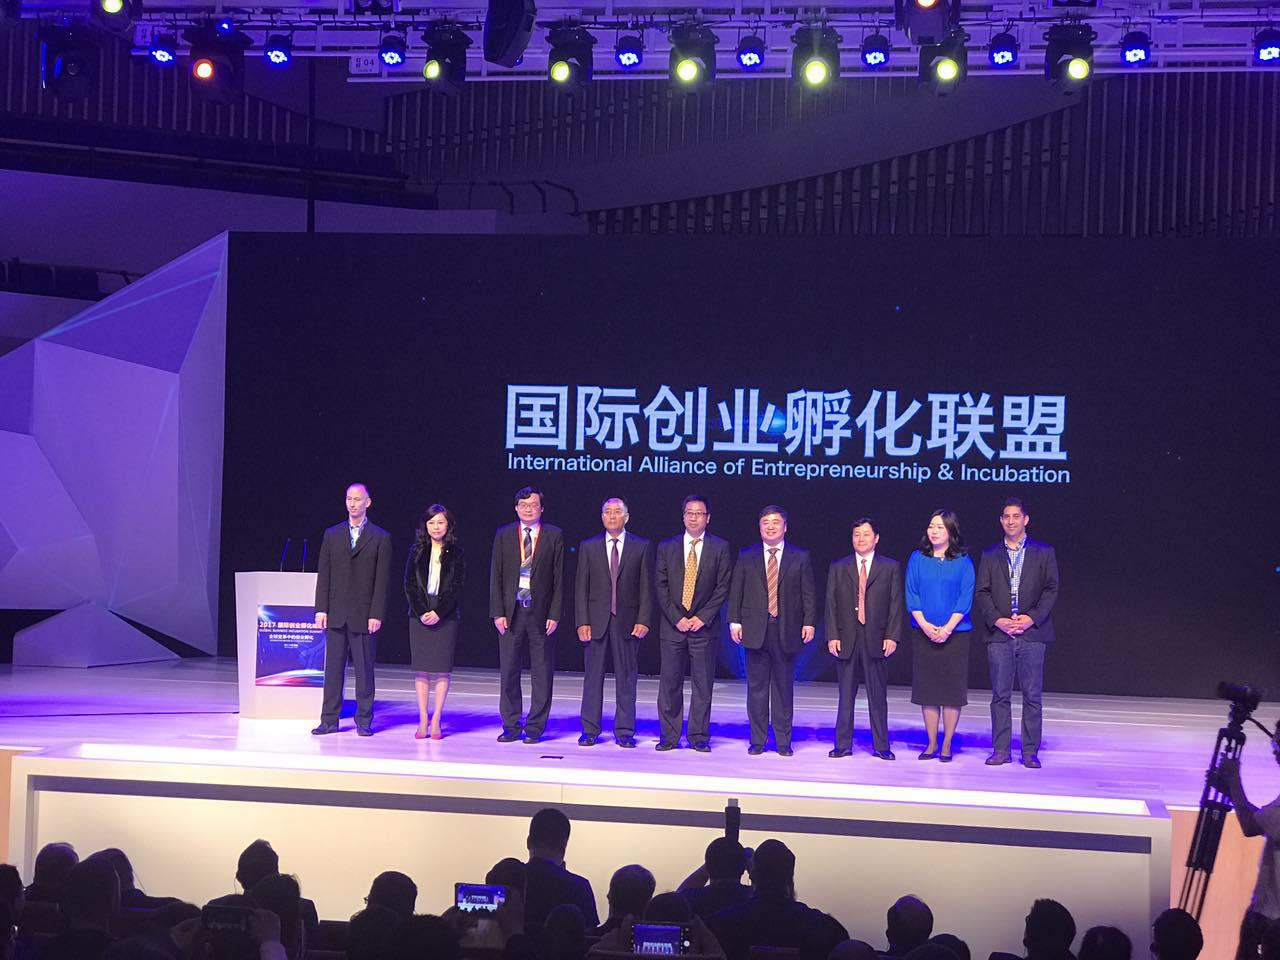 太库发起成立国际创业孵化联盟